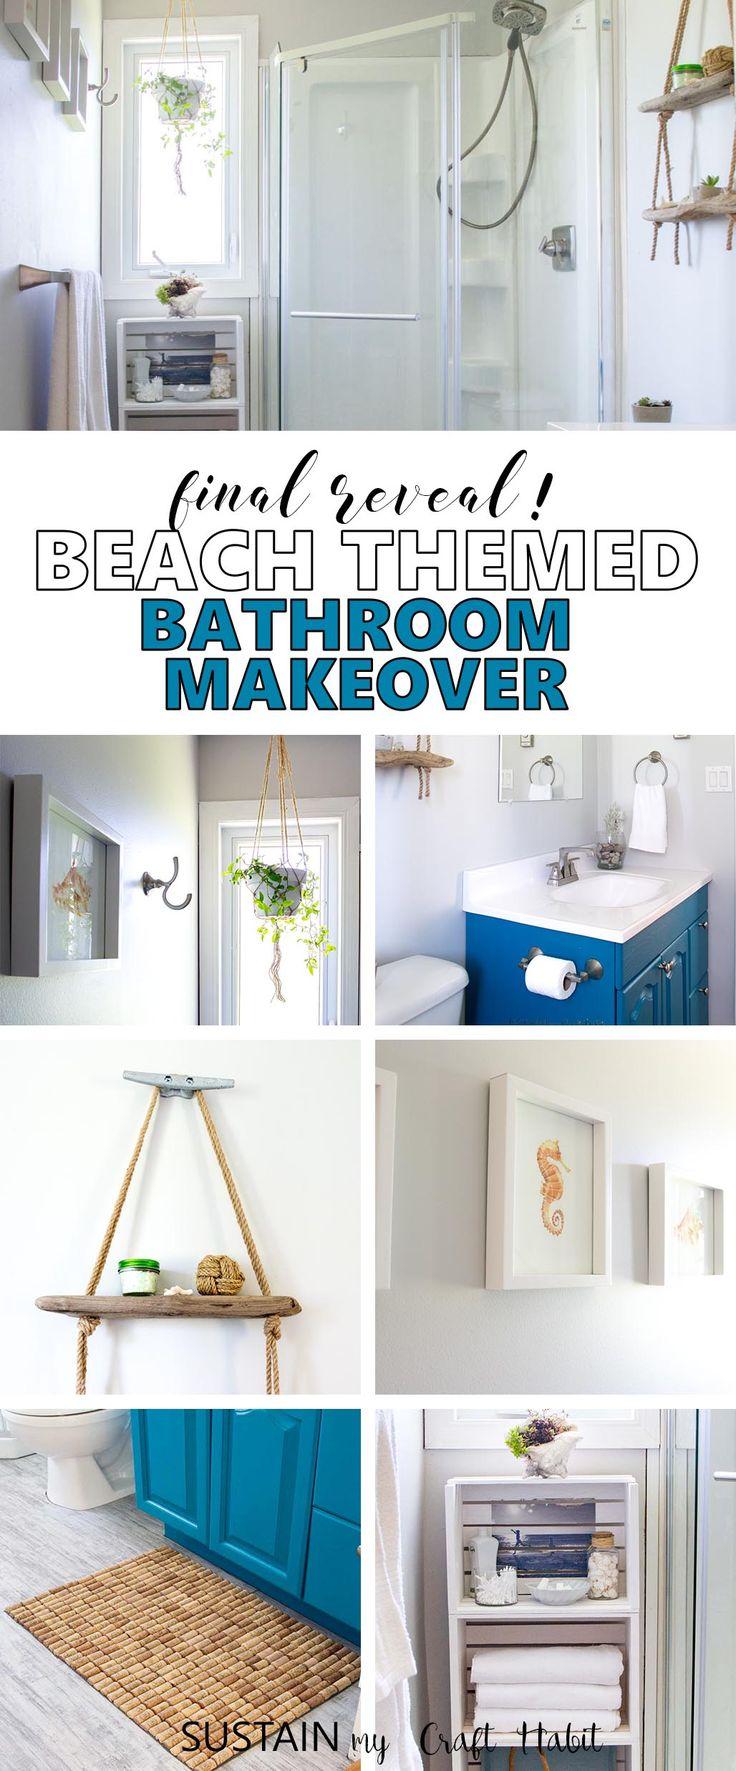 Coastal decor bathroom - Beach Themed Bathroom Final Reveal